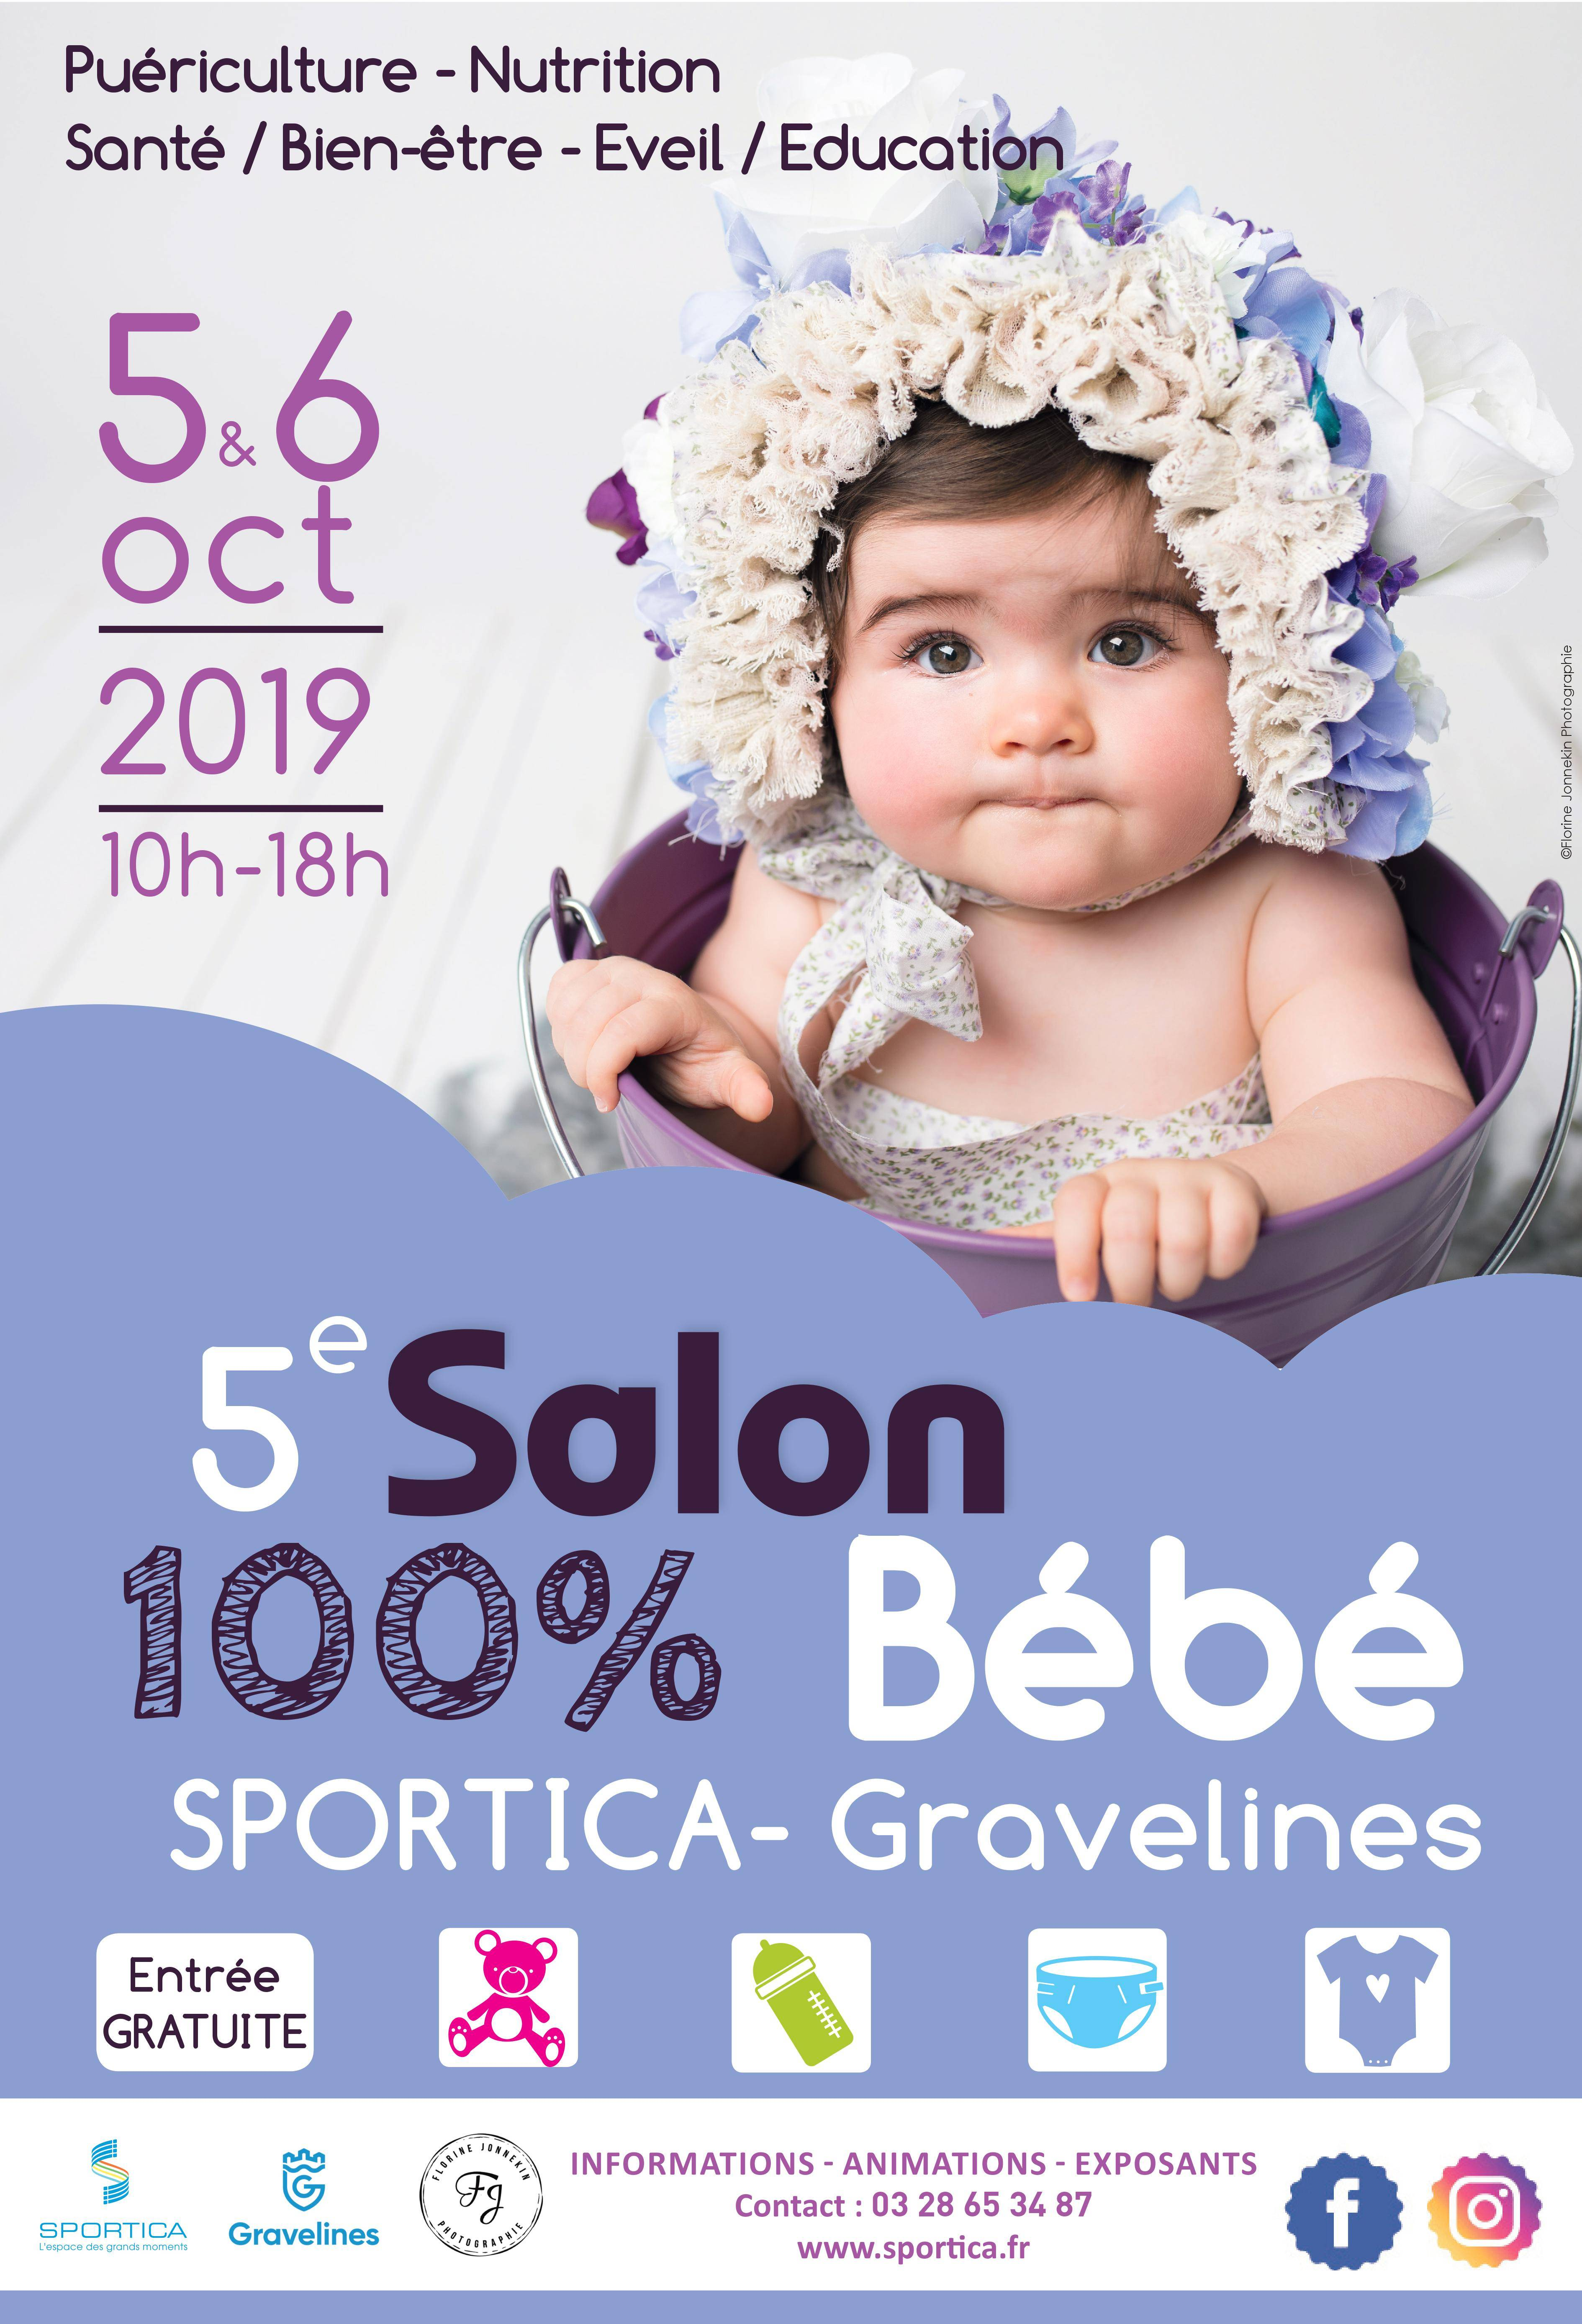 Salon 100% bébé : 5ème édition